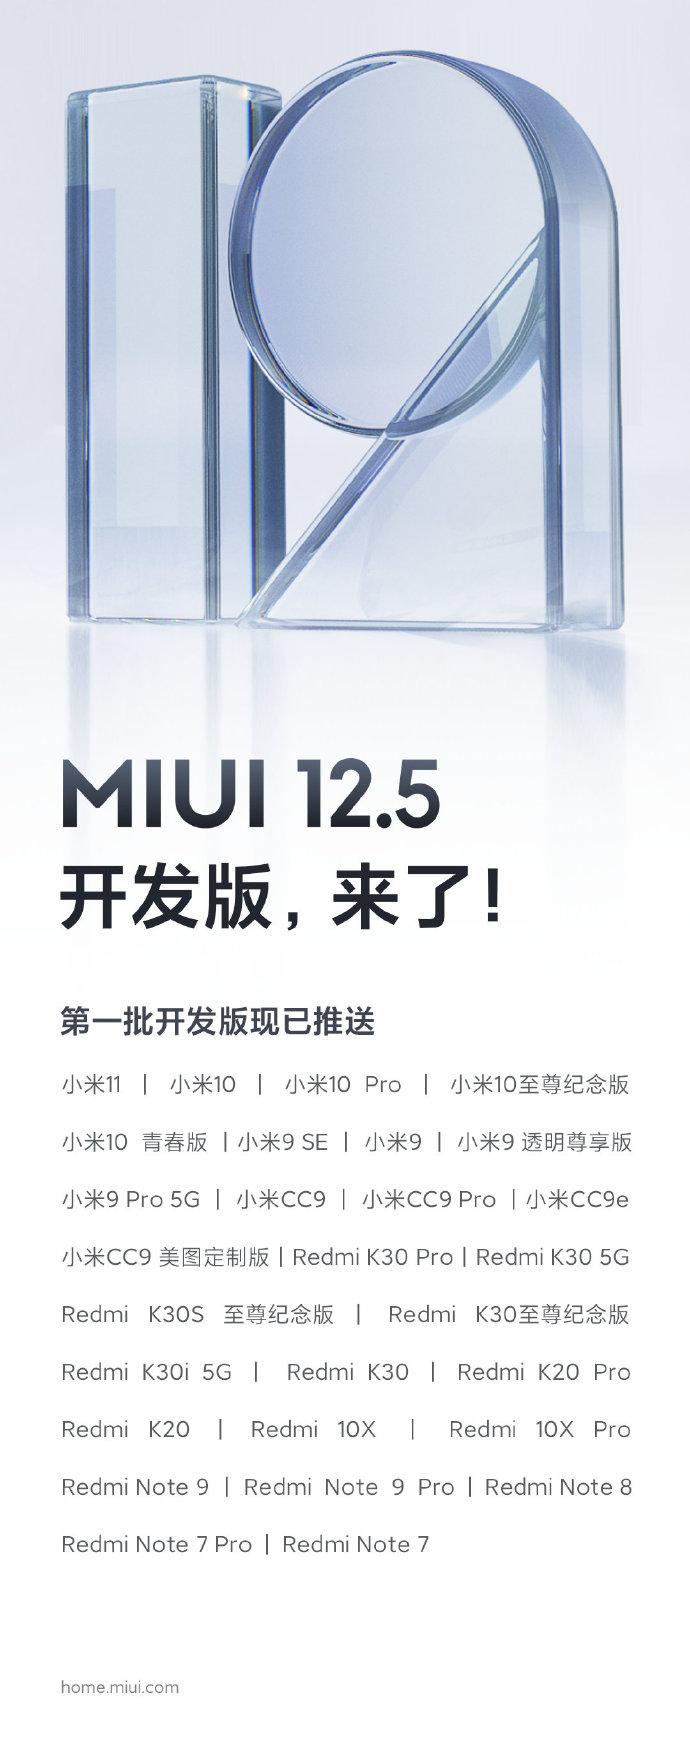 open beta MIUI 12.5 smartphone supportati